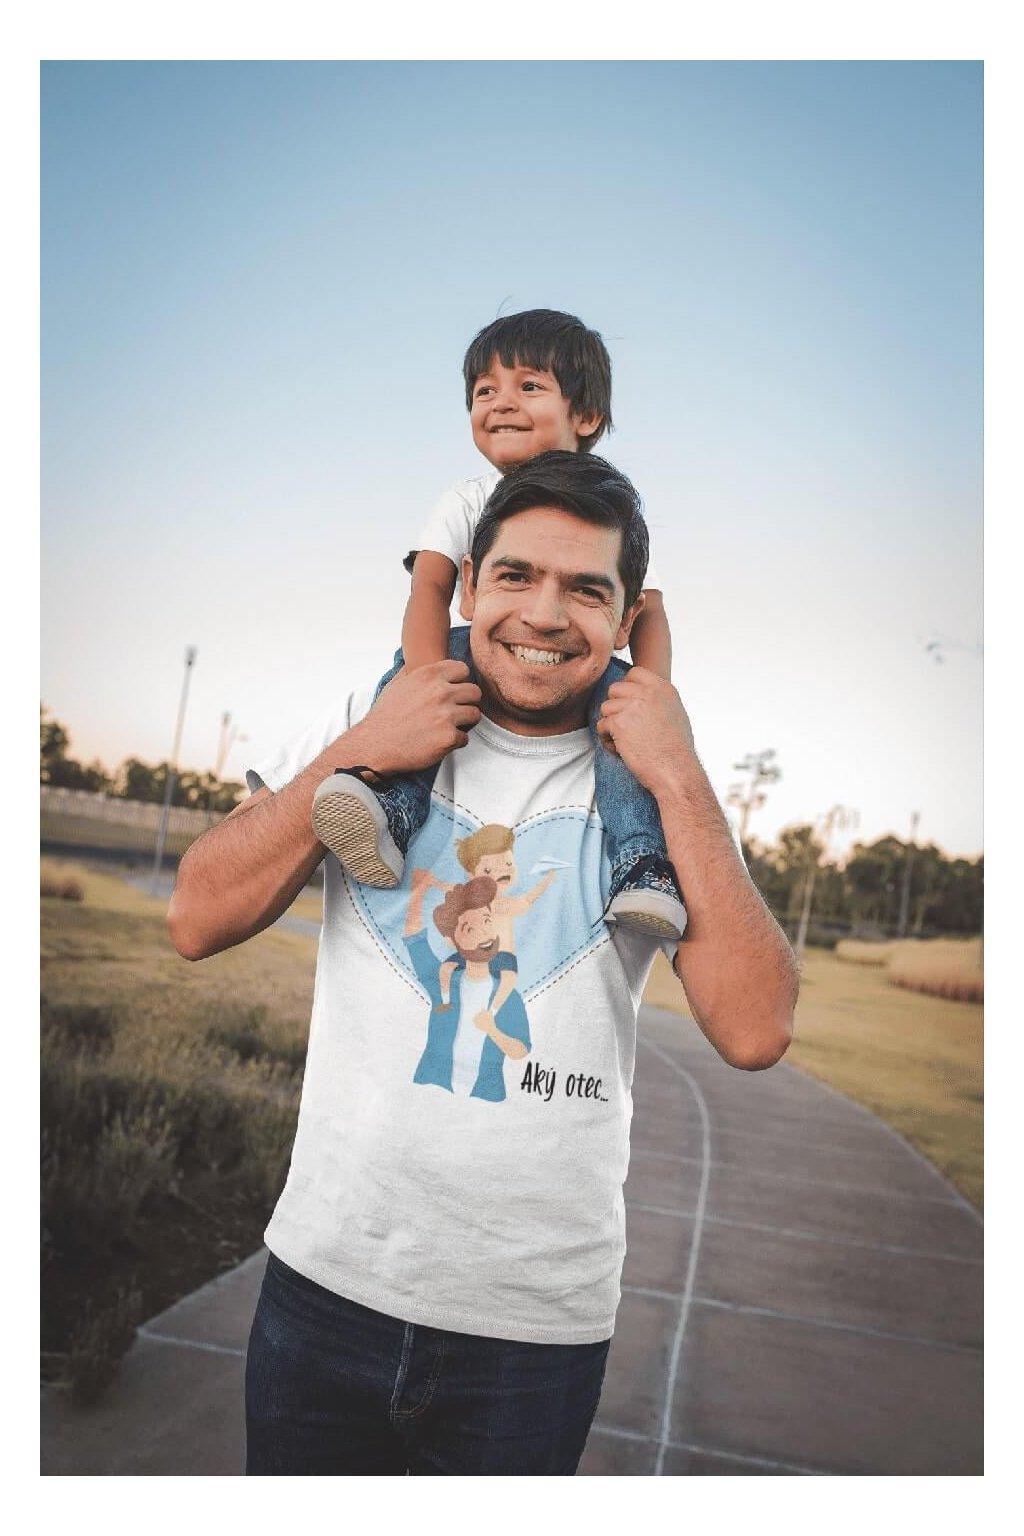 Pánske tričko pre otca Aký otec taký syn